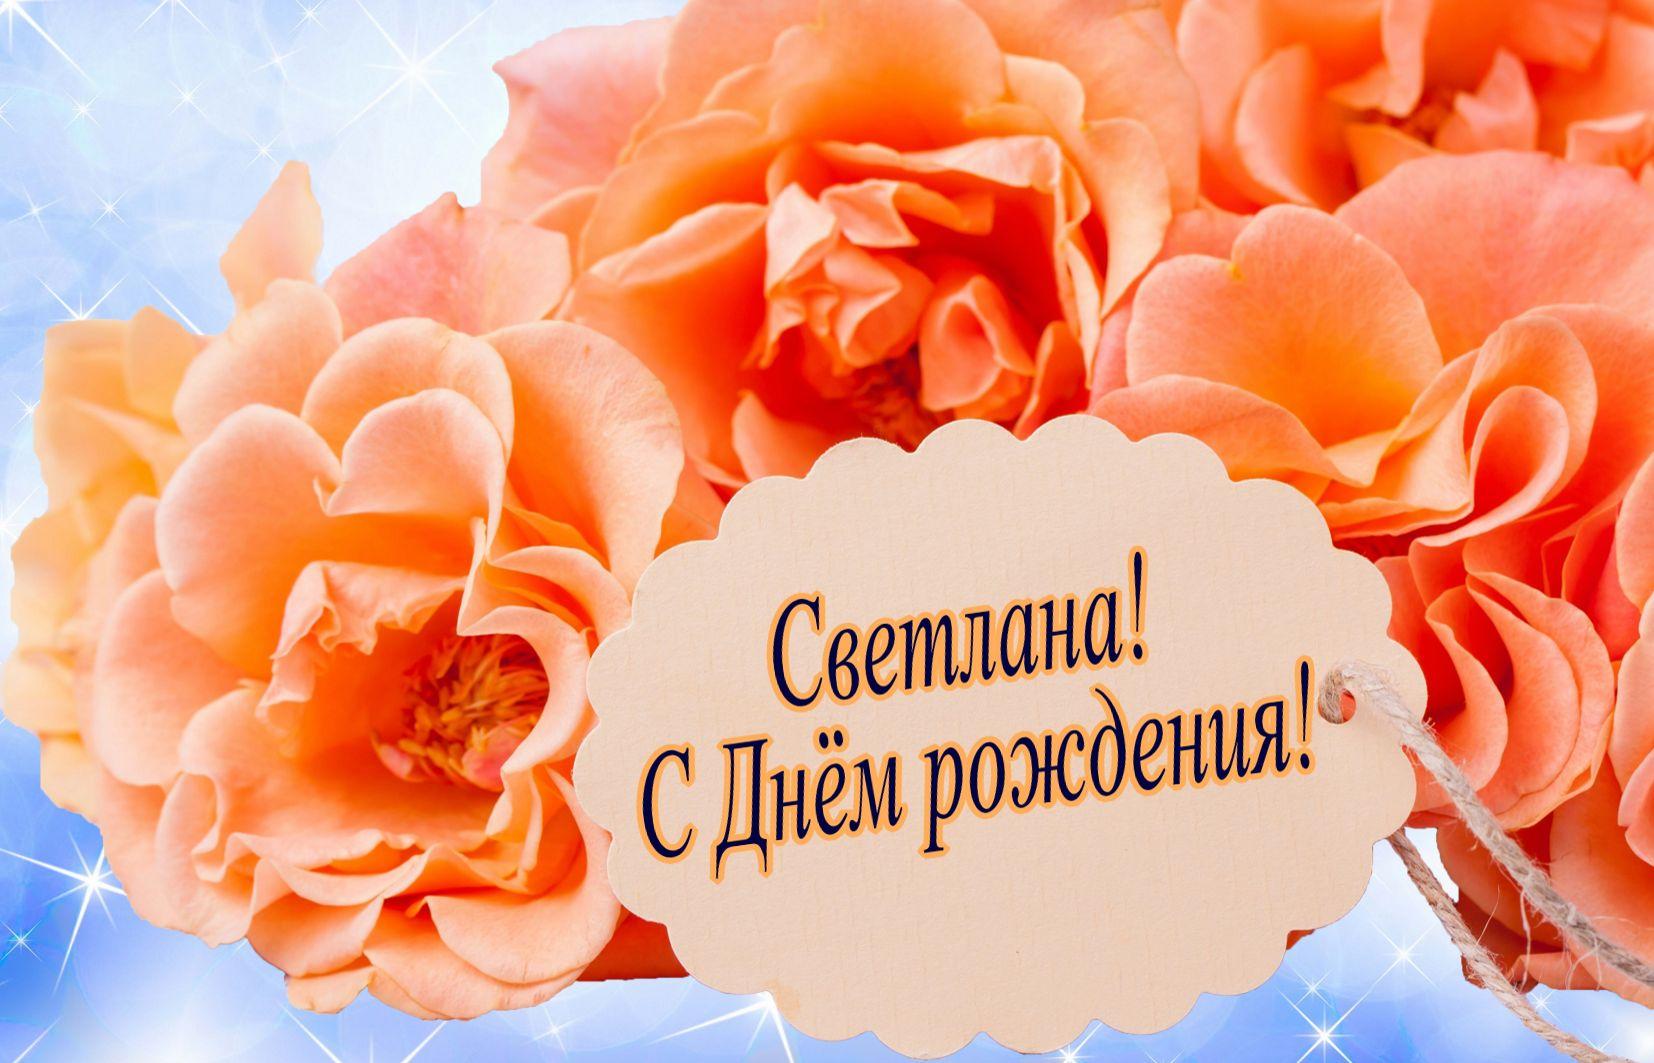 Открытка с красивыми оранжевыми цветами